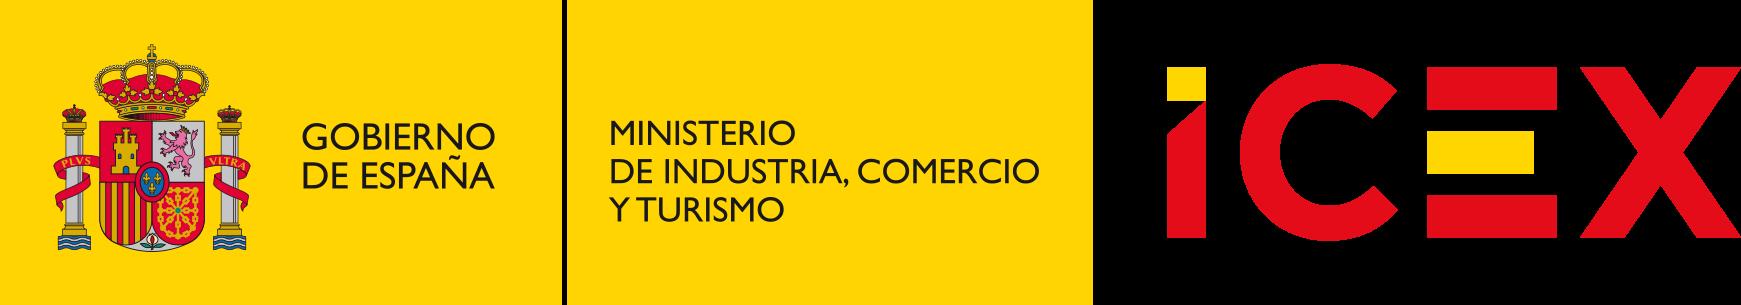 ICEX. Ministerio de Industria, Comercio y Turismo. Gobierno de España